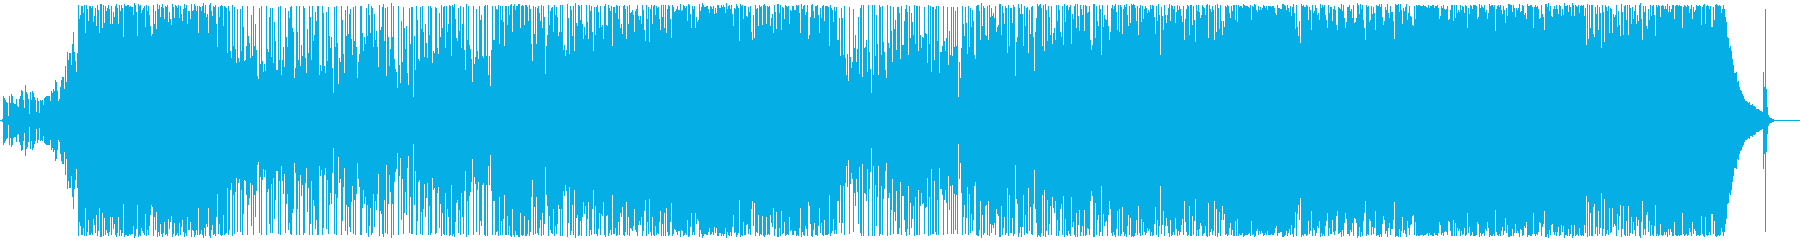 Seven Seasonsの再生済みの波形